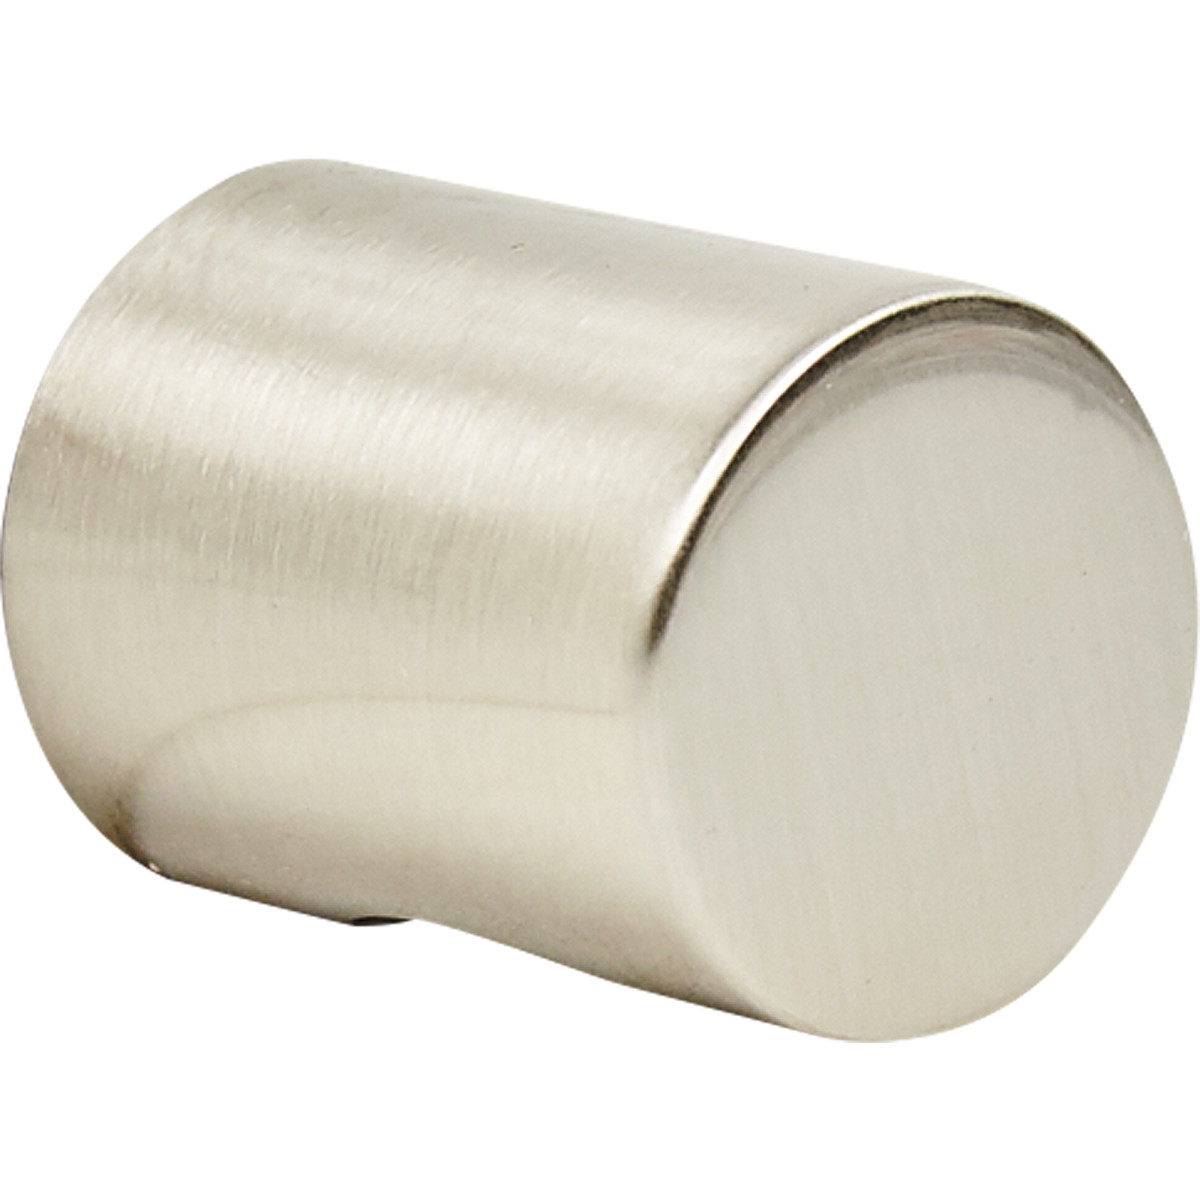 Ручка-кнопка мебельная Inspire Omna 195 мм цвет серебристый